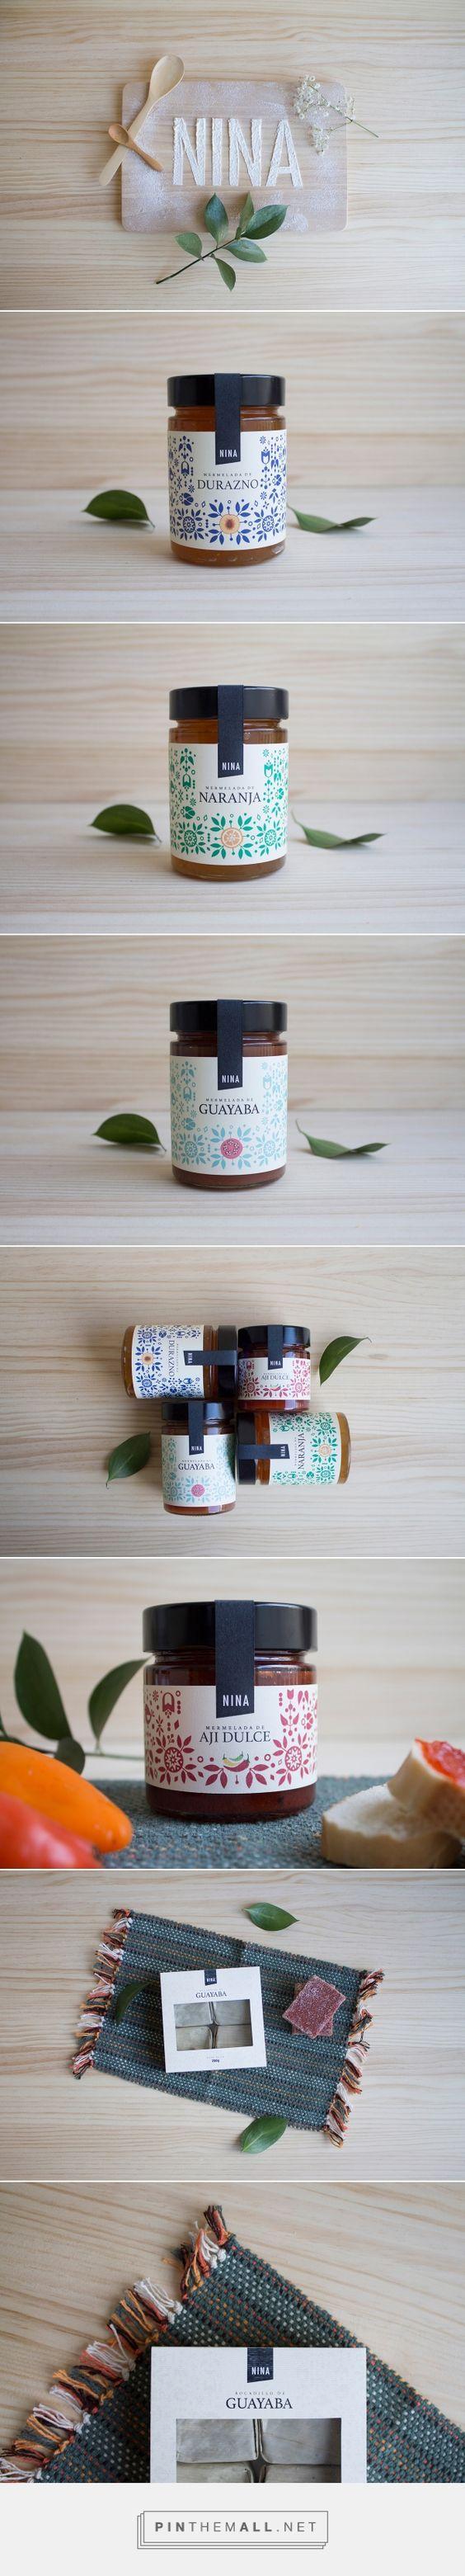 Nina Marmalade Packaging by Barbara Gonzalez and